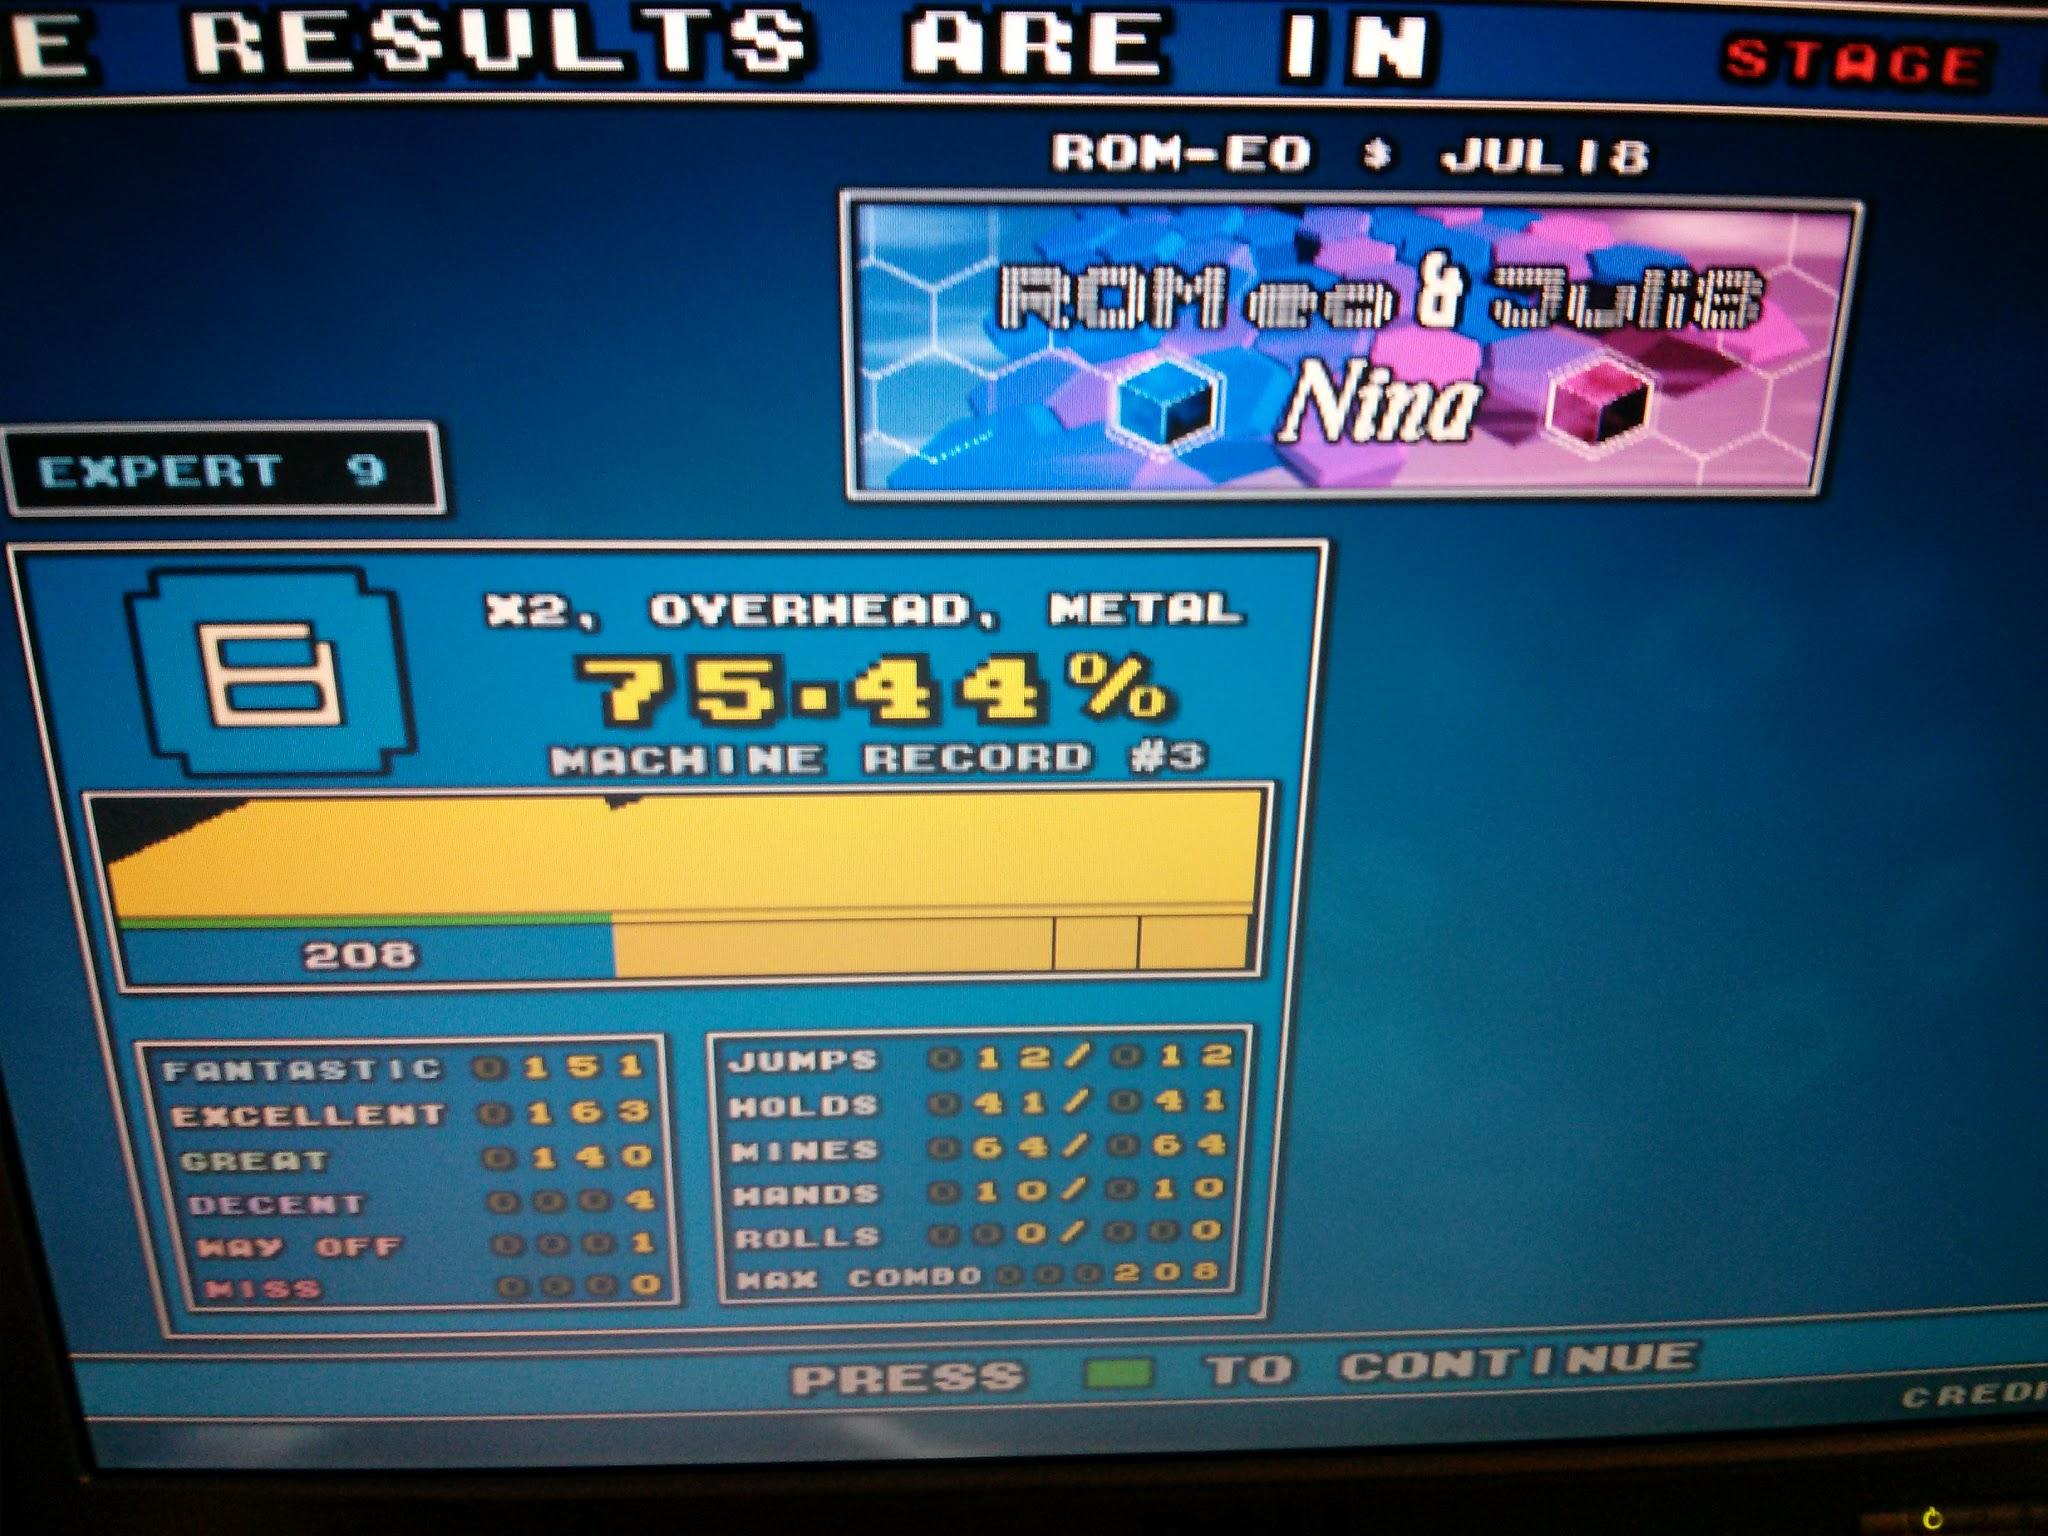 DDR Scores 12-12-12 7